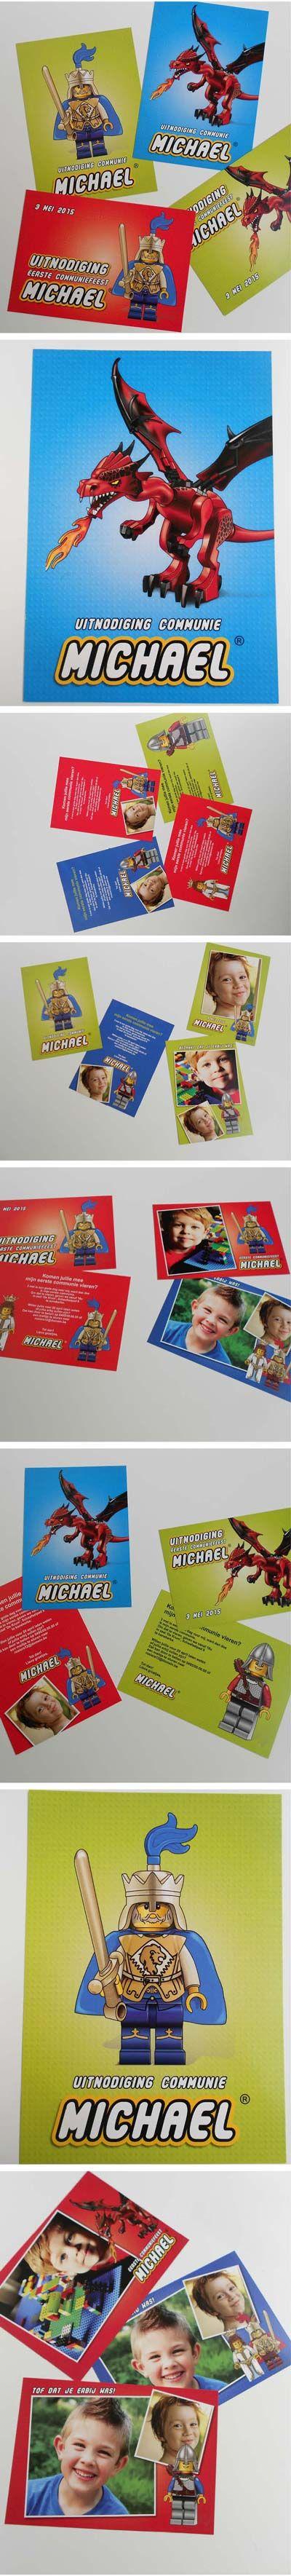 Lego communiekaarten met draak, ridder en koning. Bezorg foto's en tekst. Wij maken de #communiekaartjes. Proef via e-mail. Na goedkeuring leveren we drukwerk. http://www.kaartencollectie.be/nl/communiekaart-lego-koning-en-draak-1049.htm